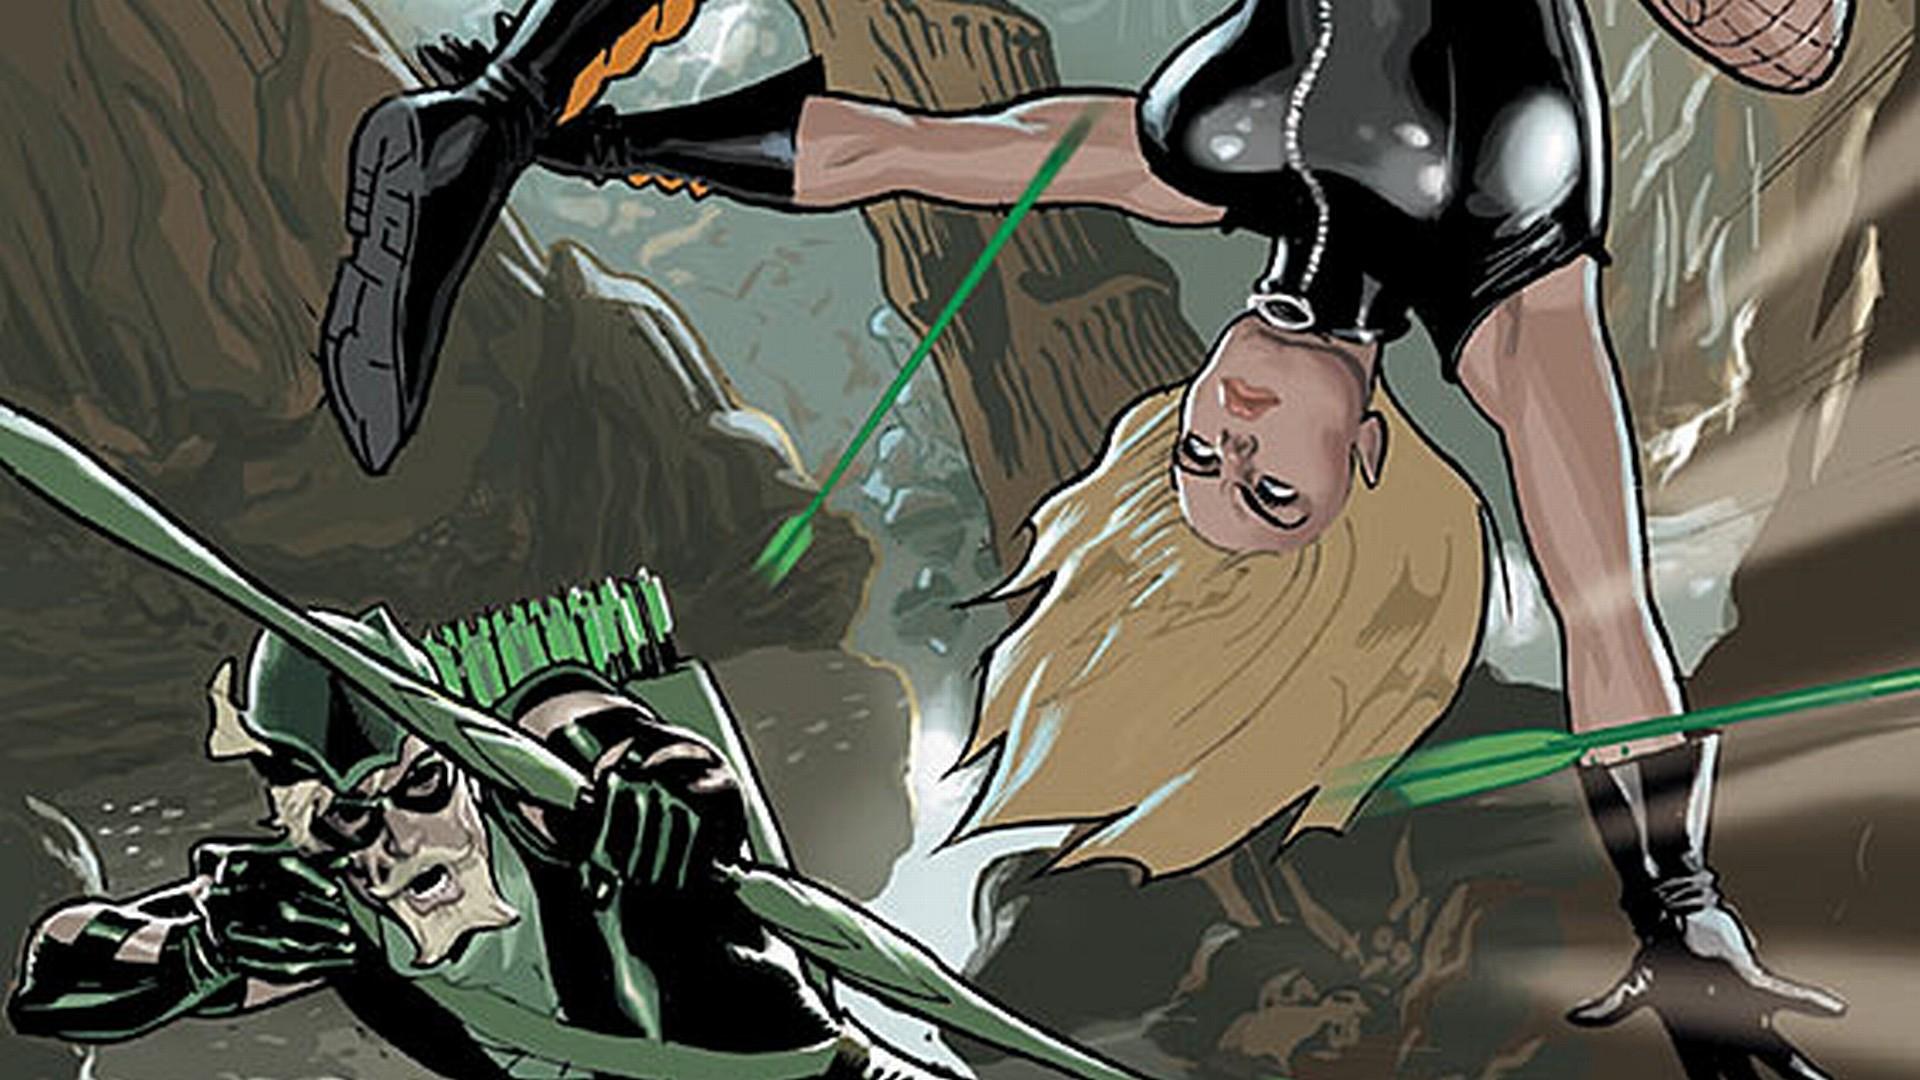 Comics – Justice League Green Arrow Wallpaper